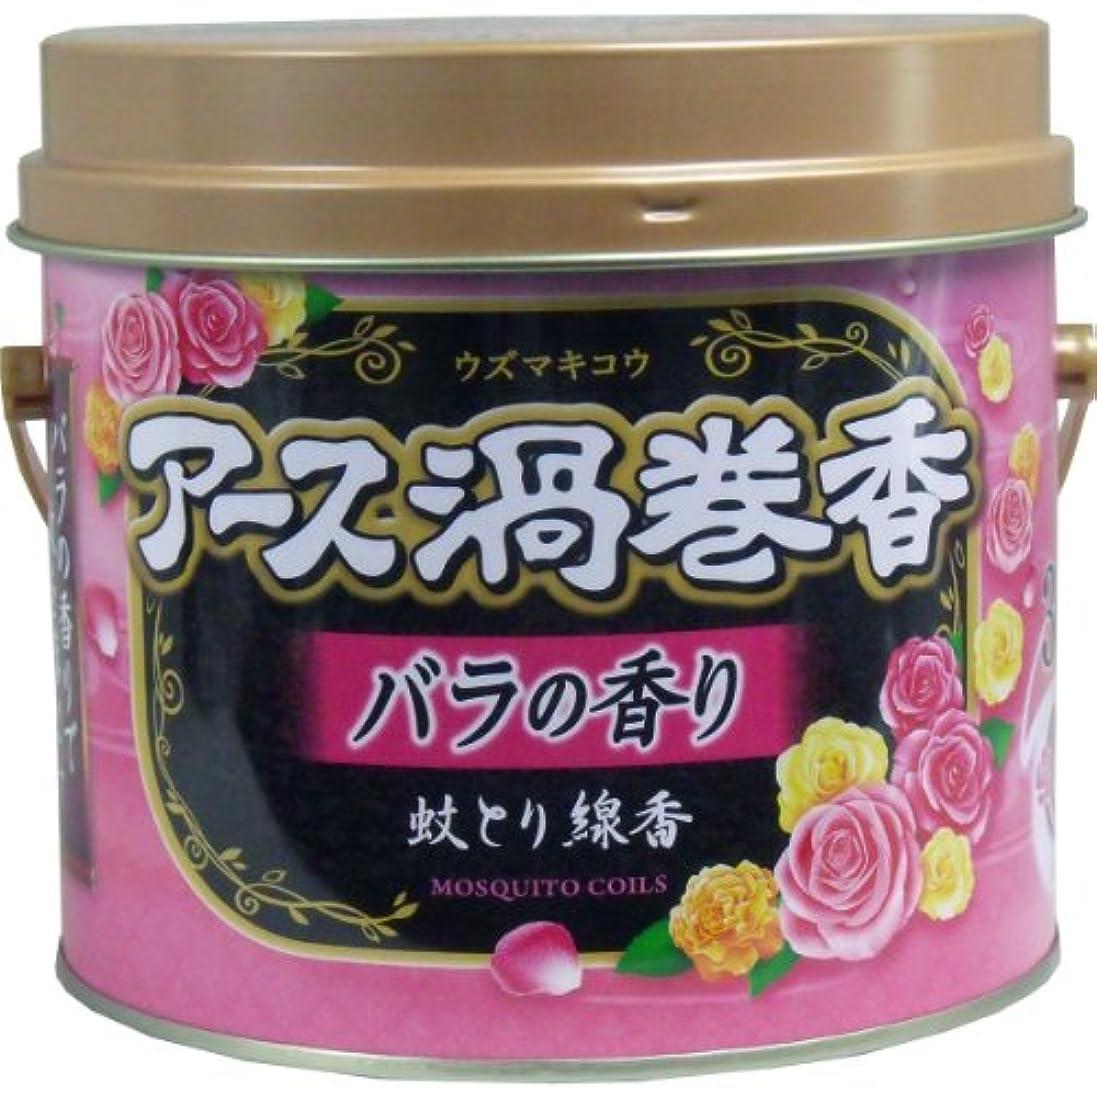 タンカージョイントみなすアース渦巻香 蚊とり線香 バラの香り 30巻3個セット